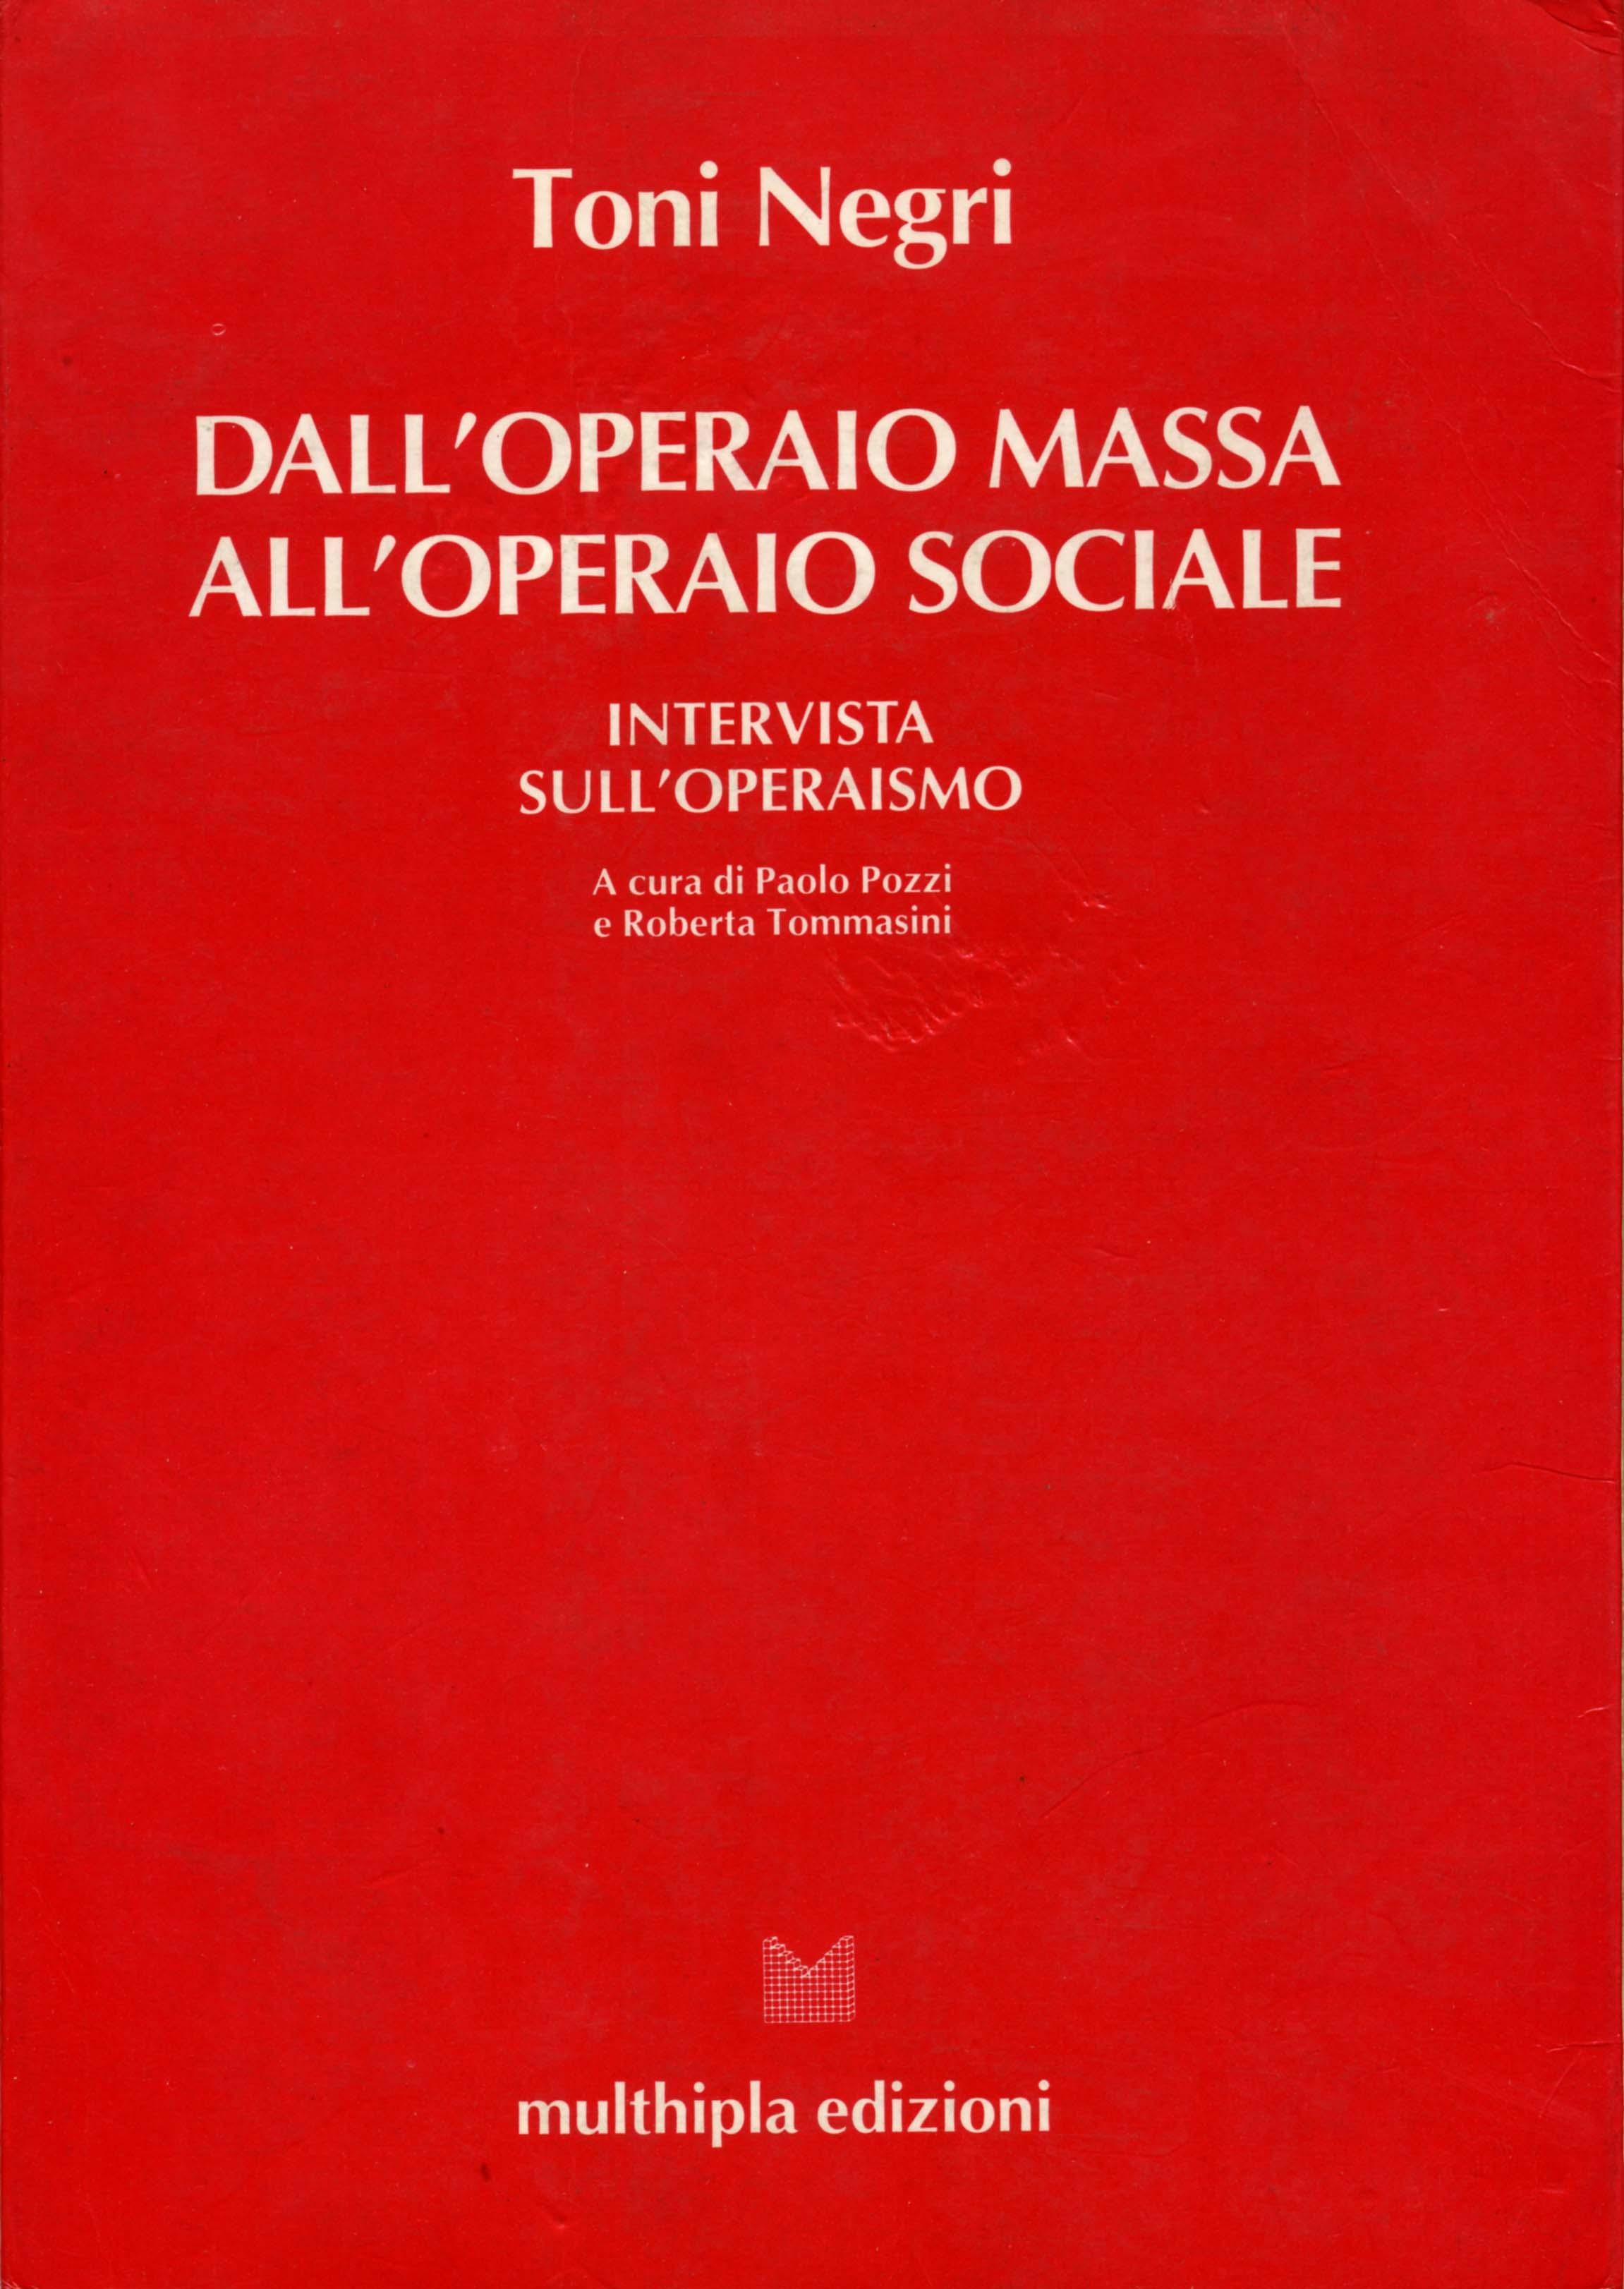 Αποτέλεσμα εικόνας για dal operaio massa al operaio sociale, anni '70, libro, negri